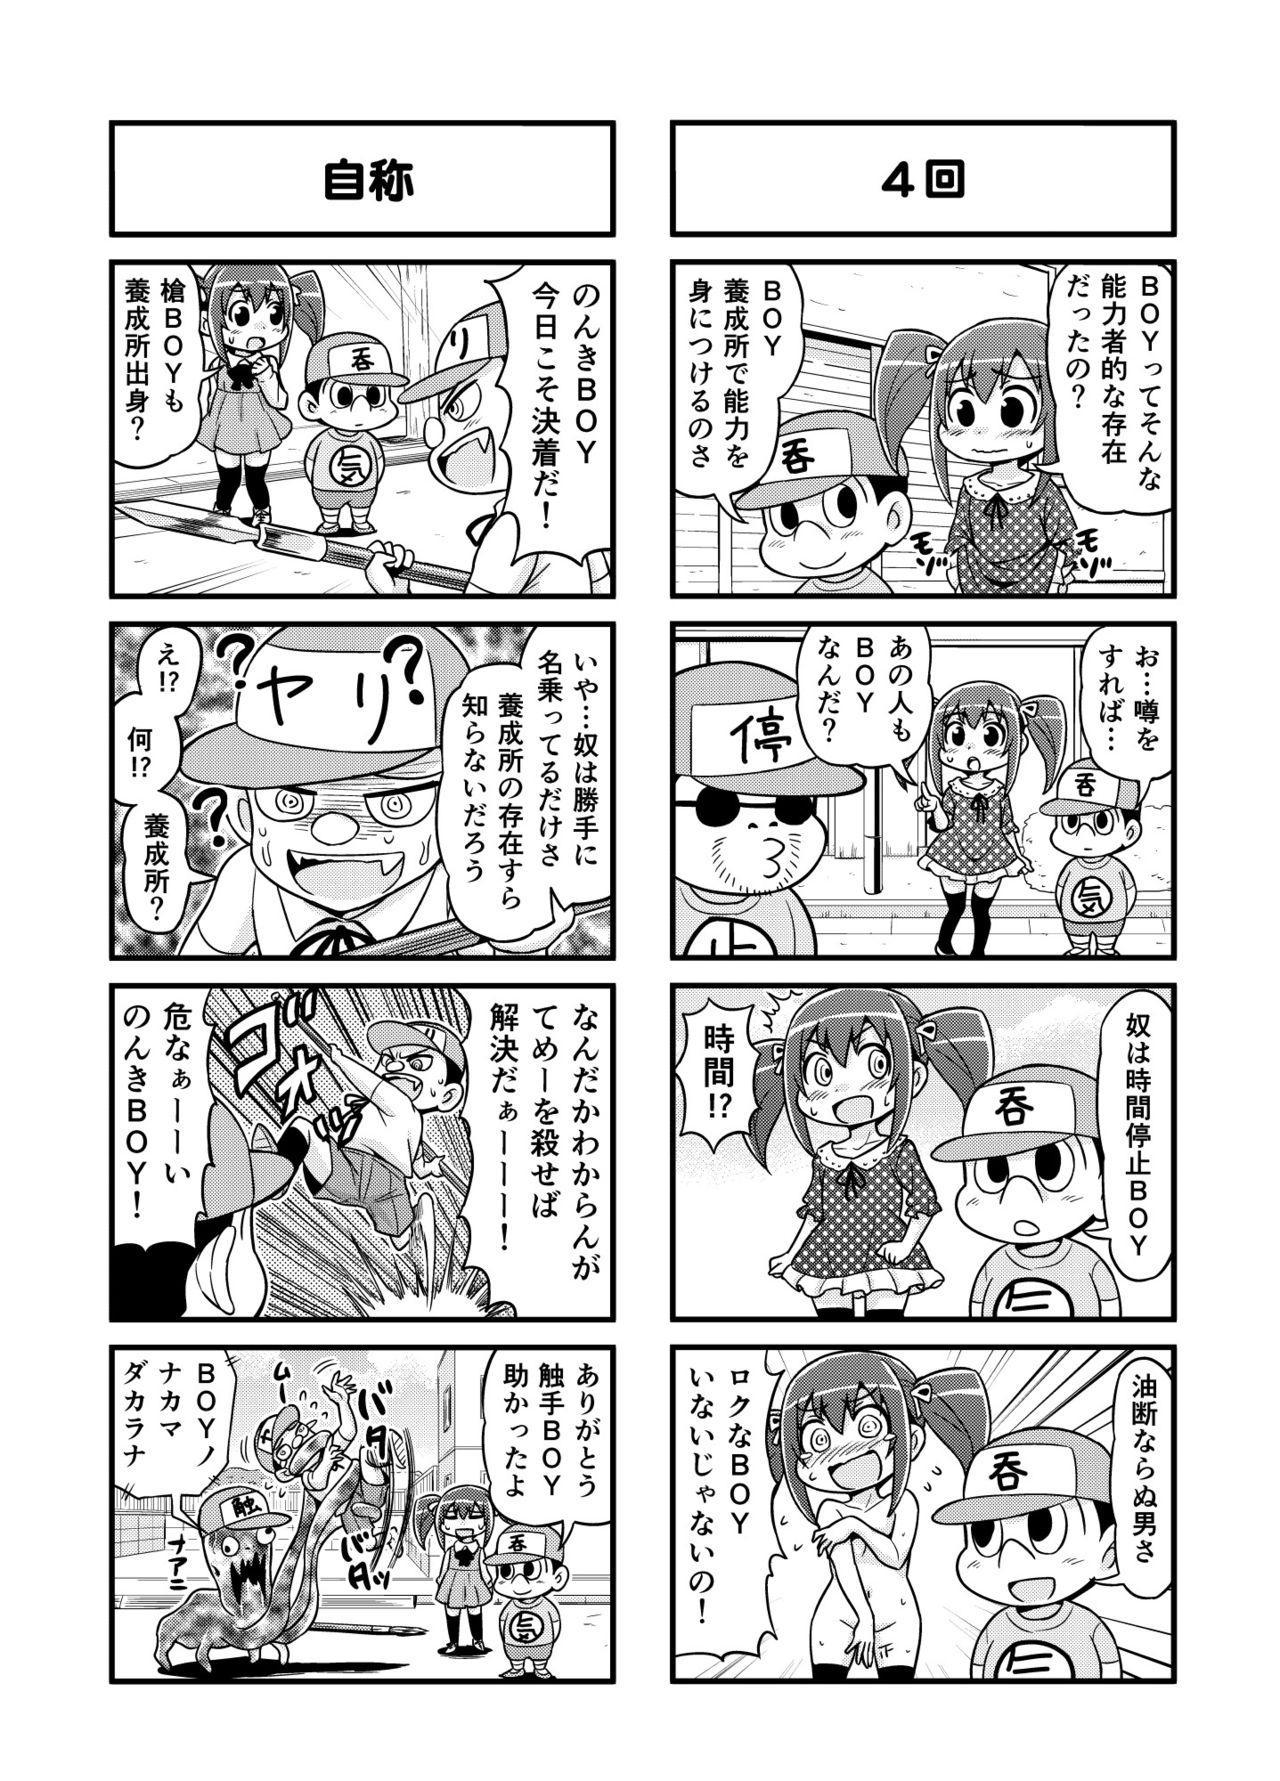 のんきBOY Ch. 1-20 74